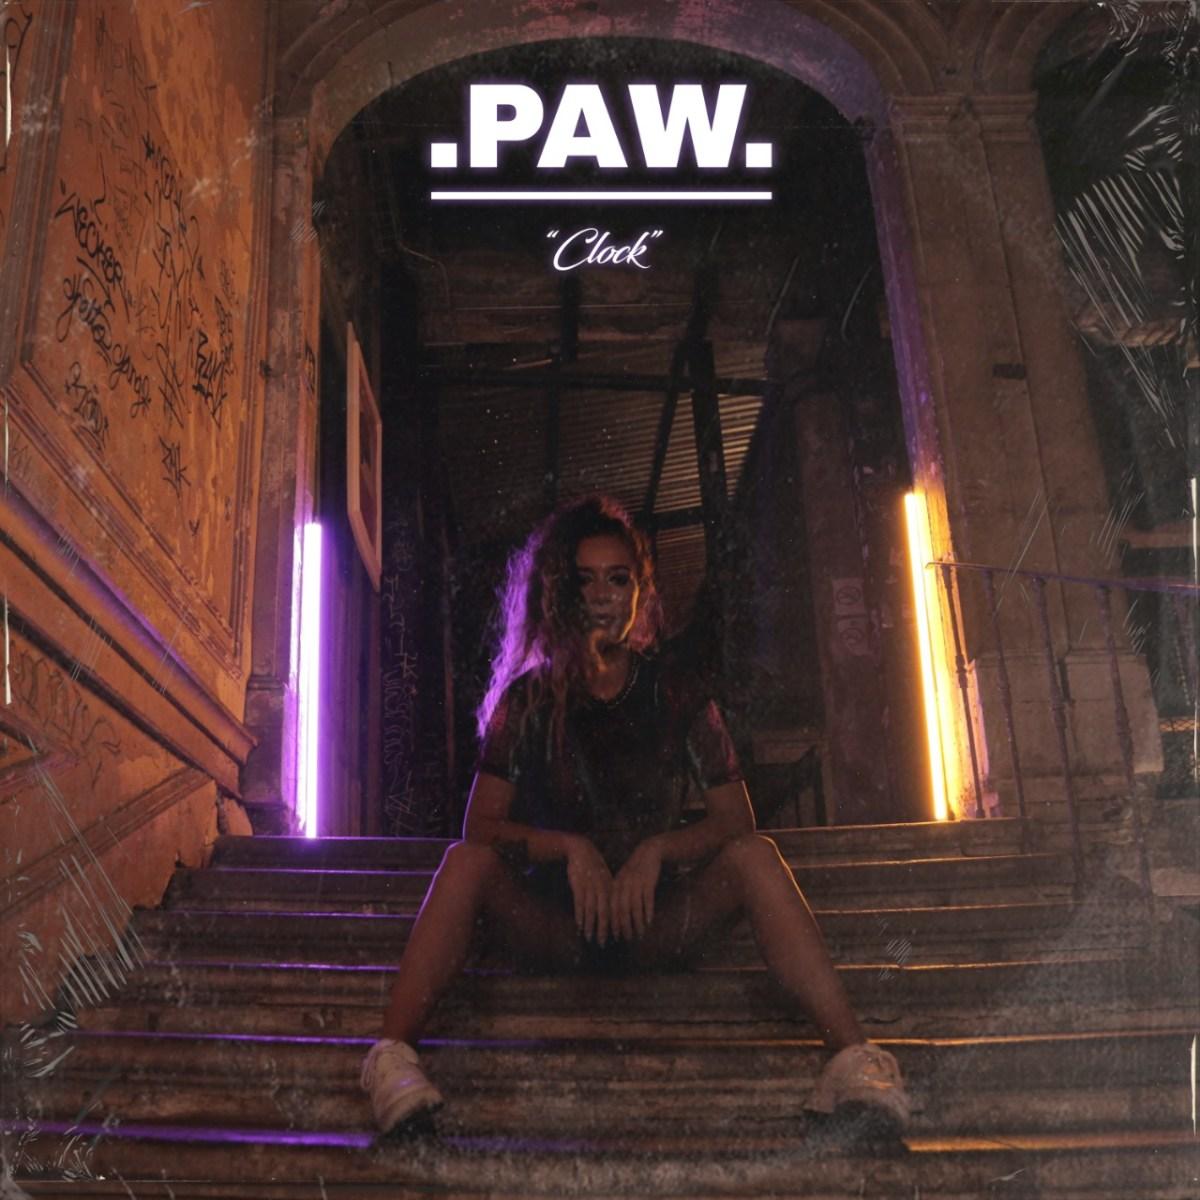 paw-clock-nueva-cancion